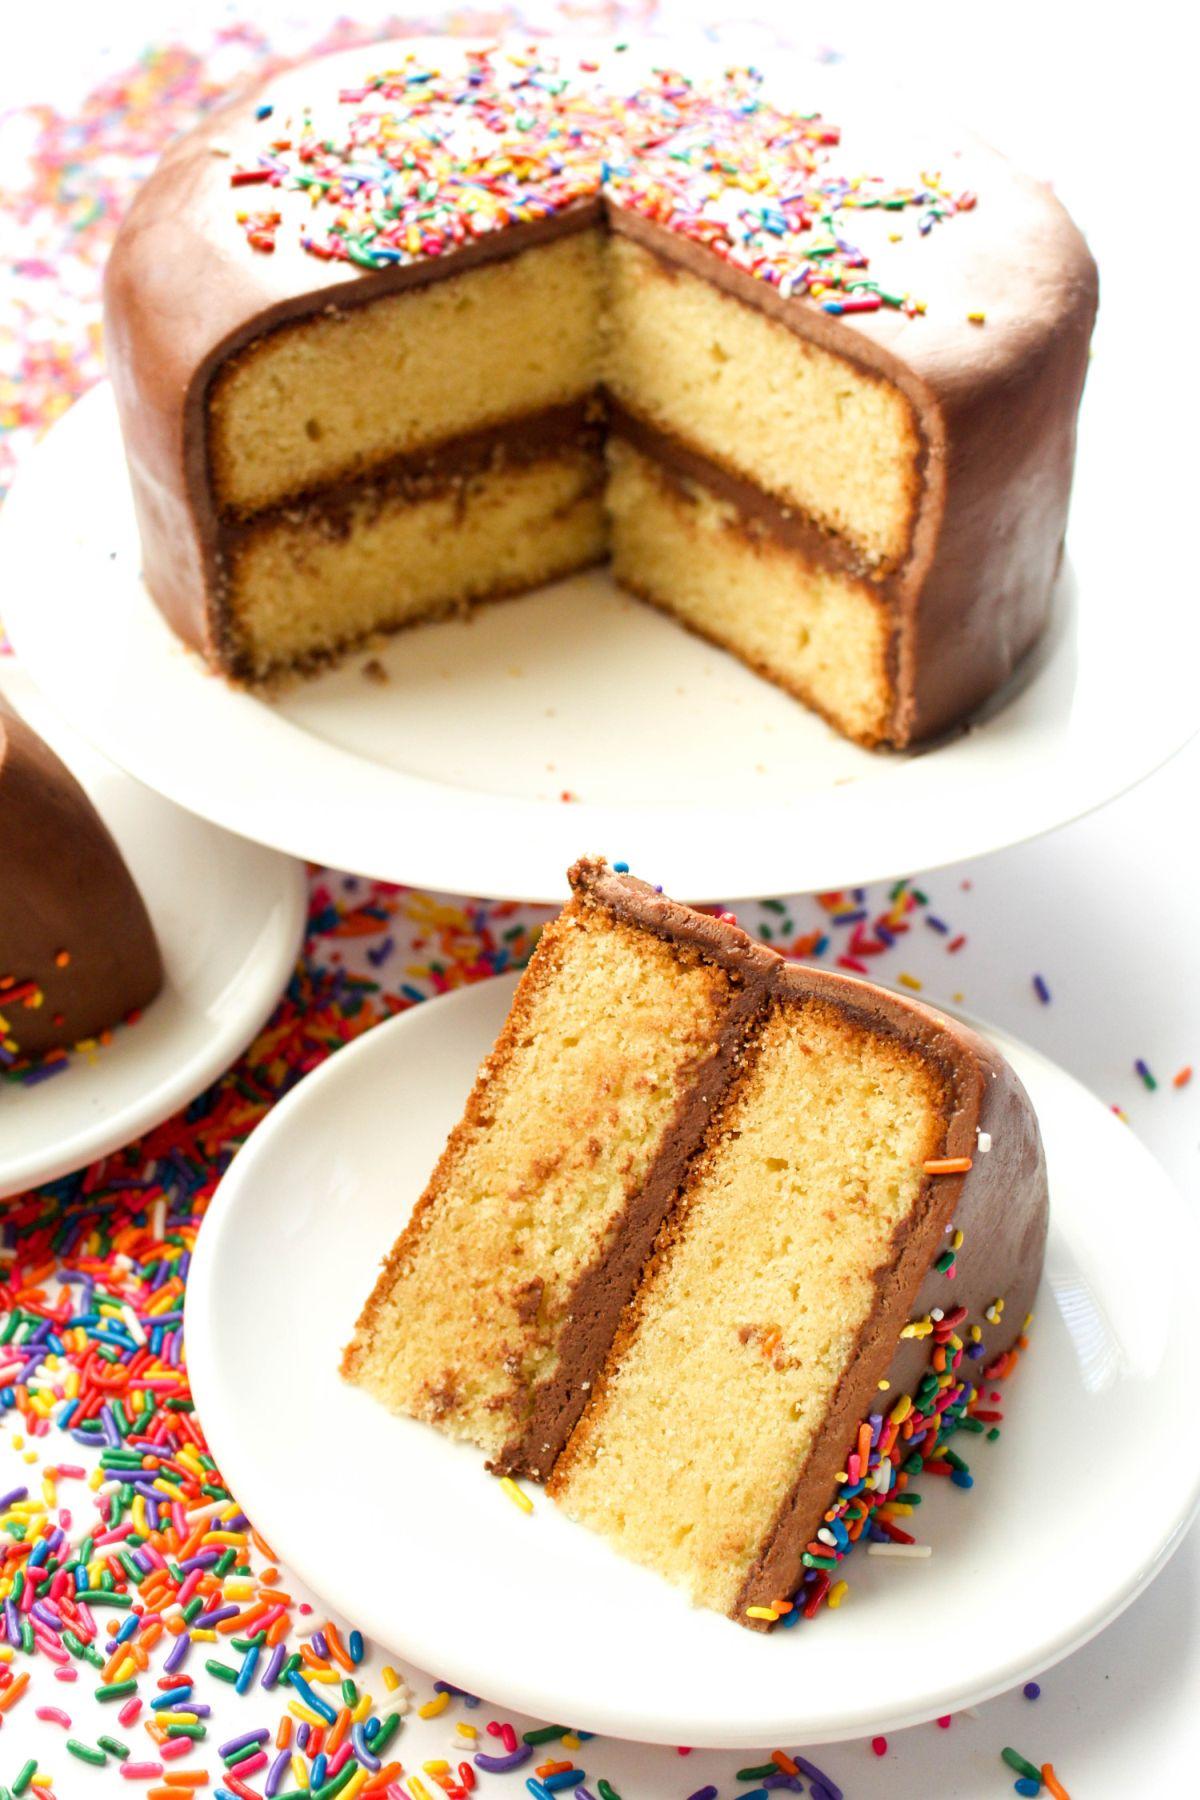 Fondant-Birthday-Cake-Slice.jpg&f=1&nofb